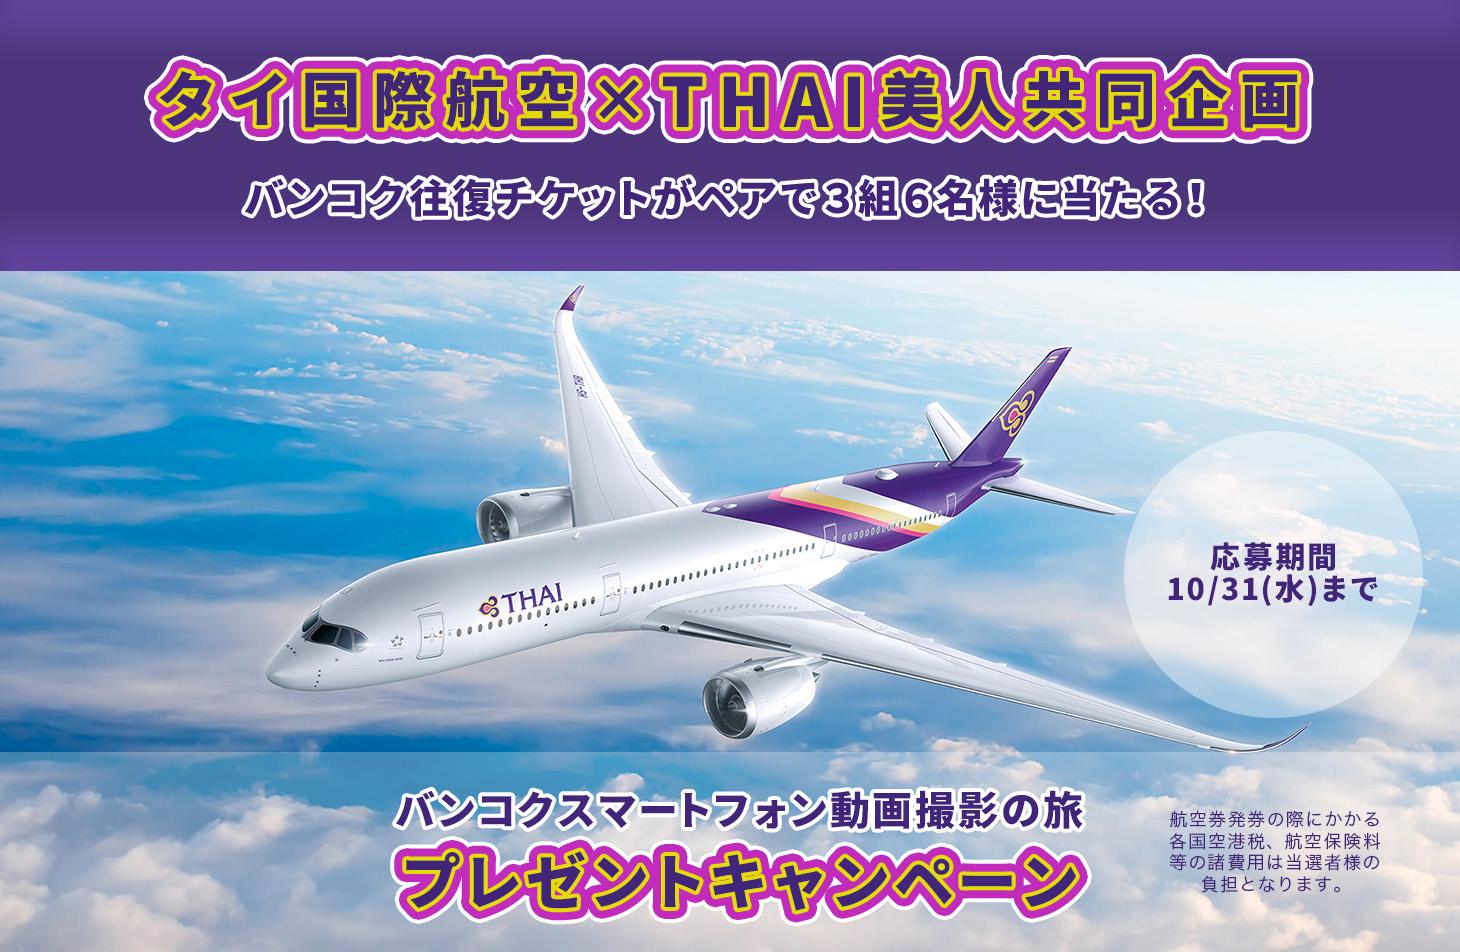 タイ国際航空×THAI美人共同企画「バンコク スマートフォン動画撮影の旅」プレゼントキャンペーン開催!